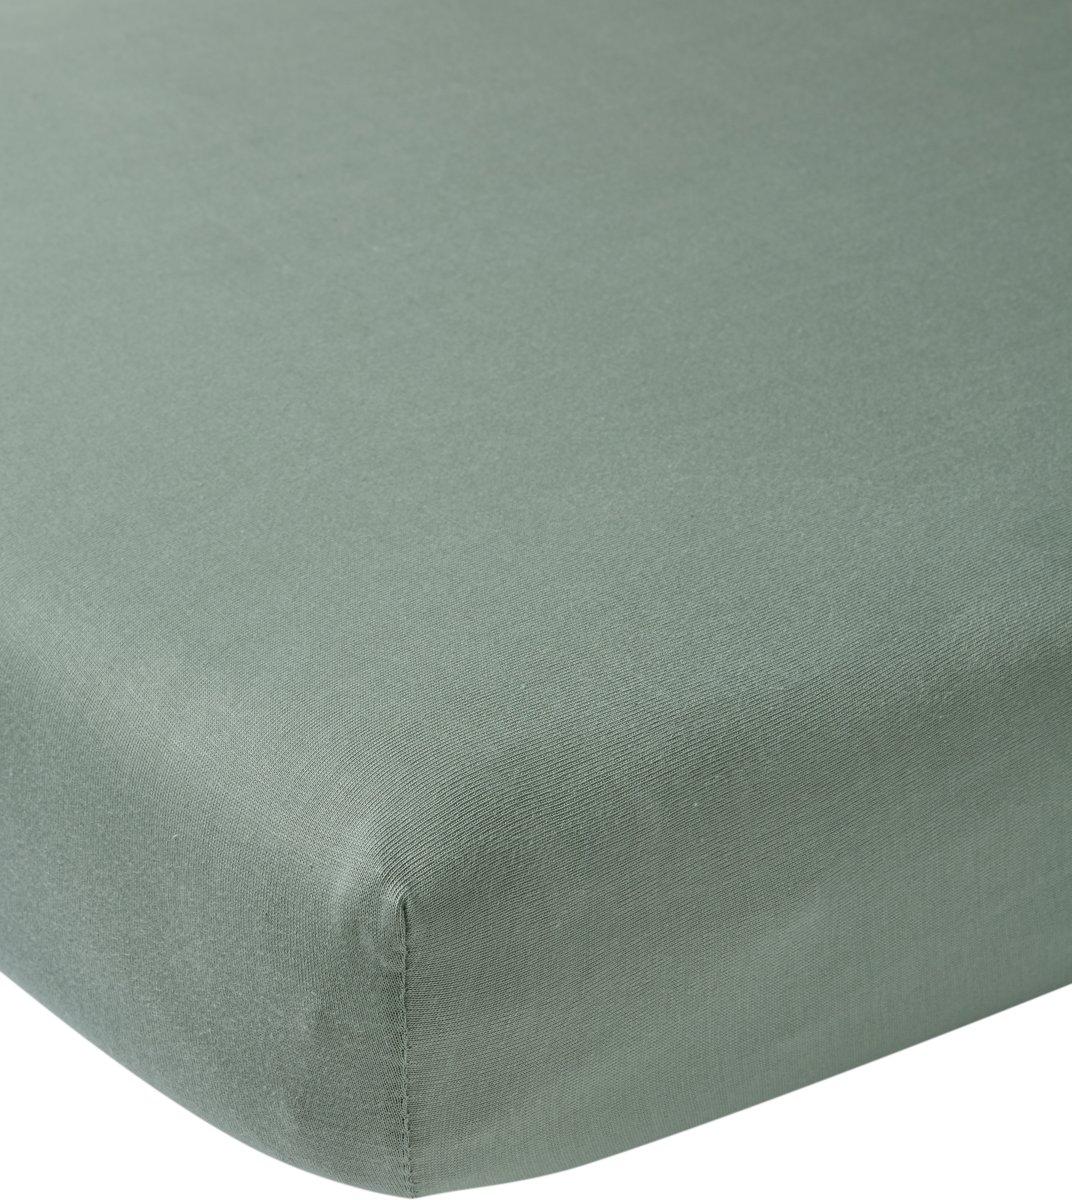 Meyco jersey hoeslaken - 60x120 cm - stone green